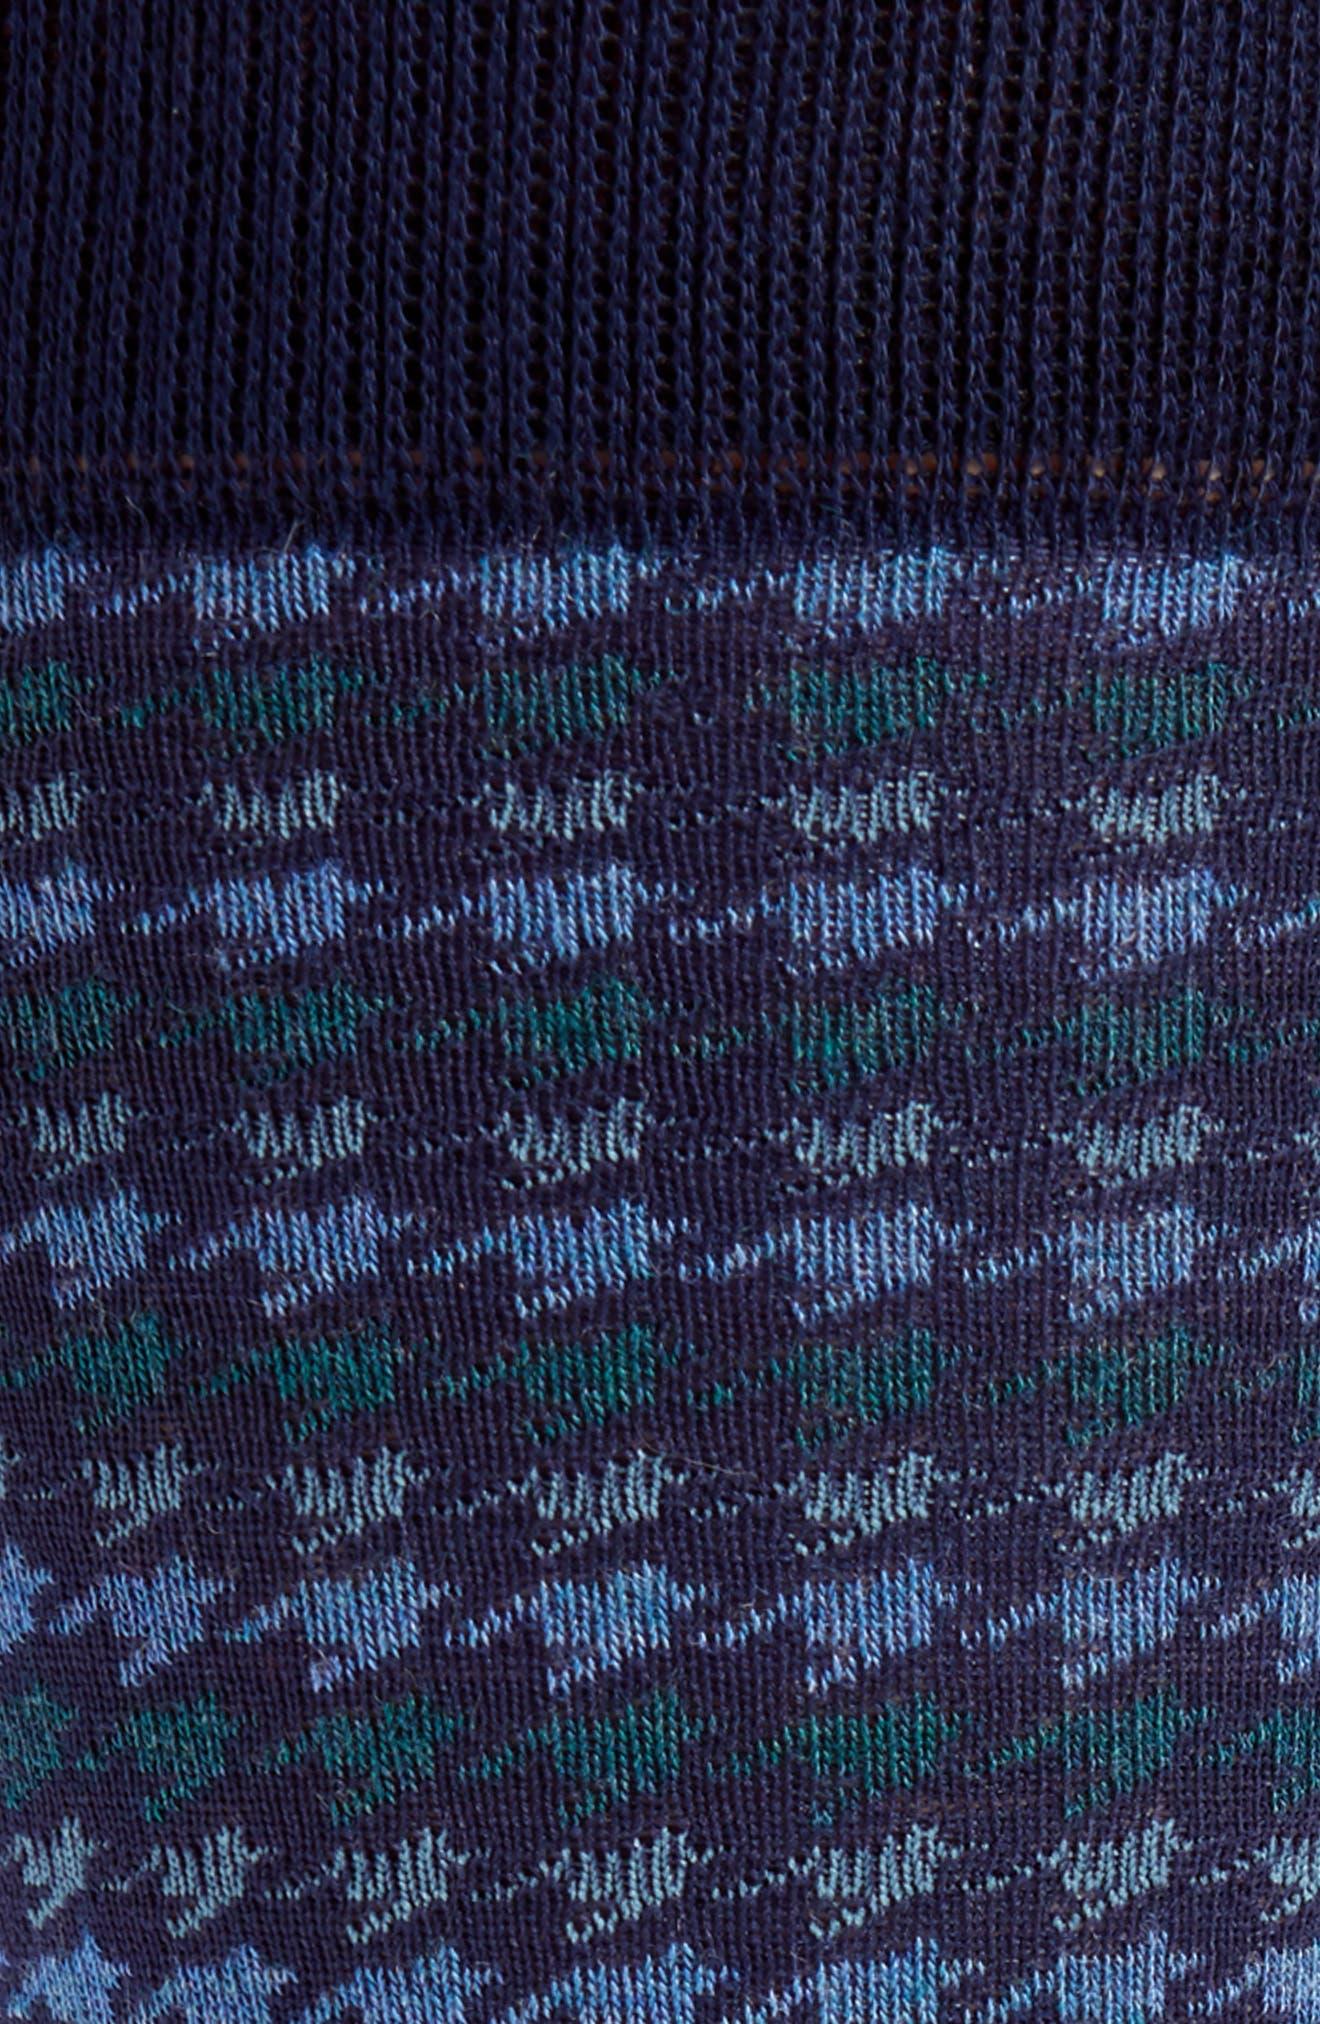 Houndstooth Stripe Socks,                             Alternate thumbnail 2, color,                             Navy/ Blue